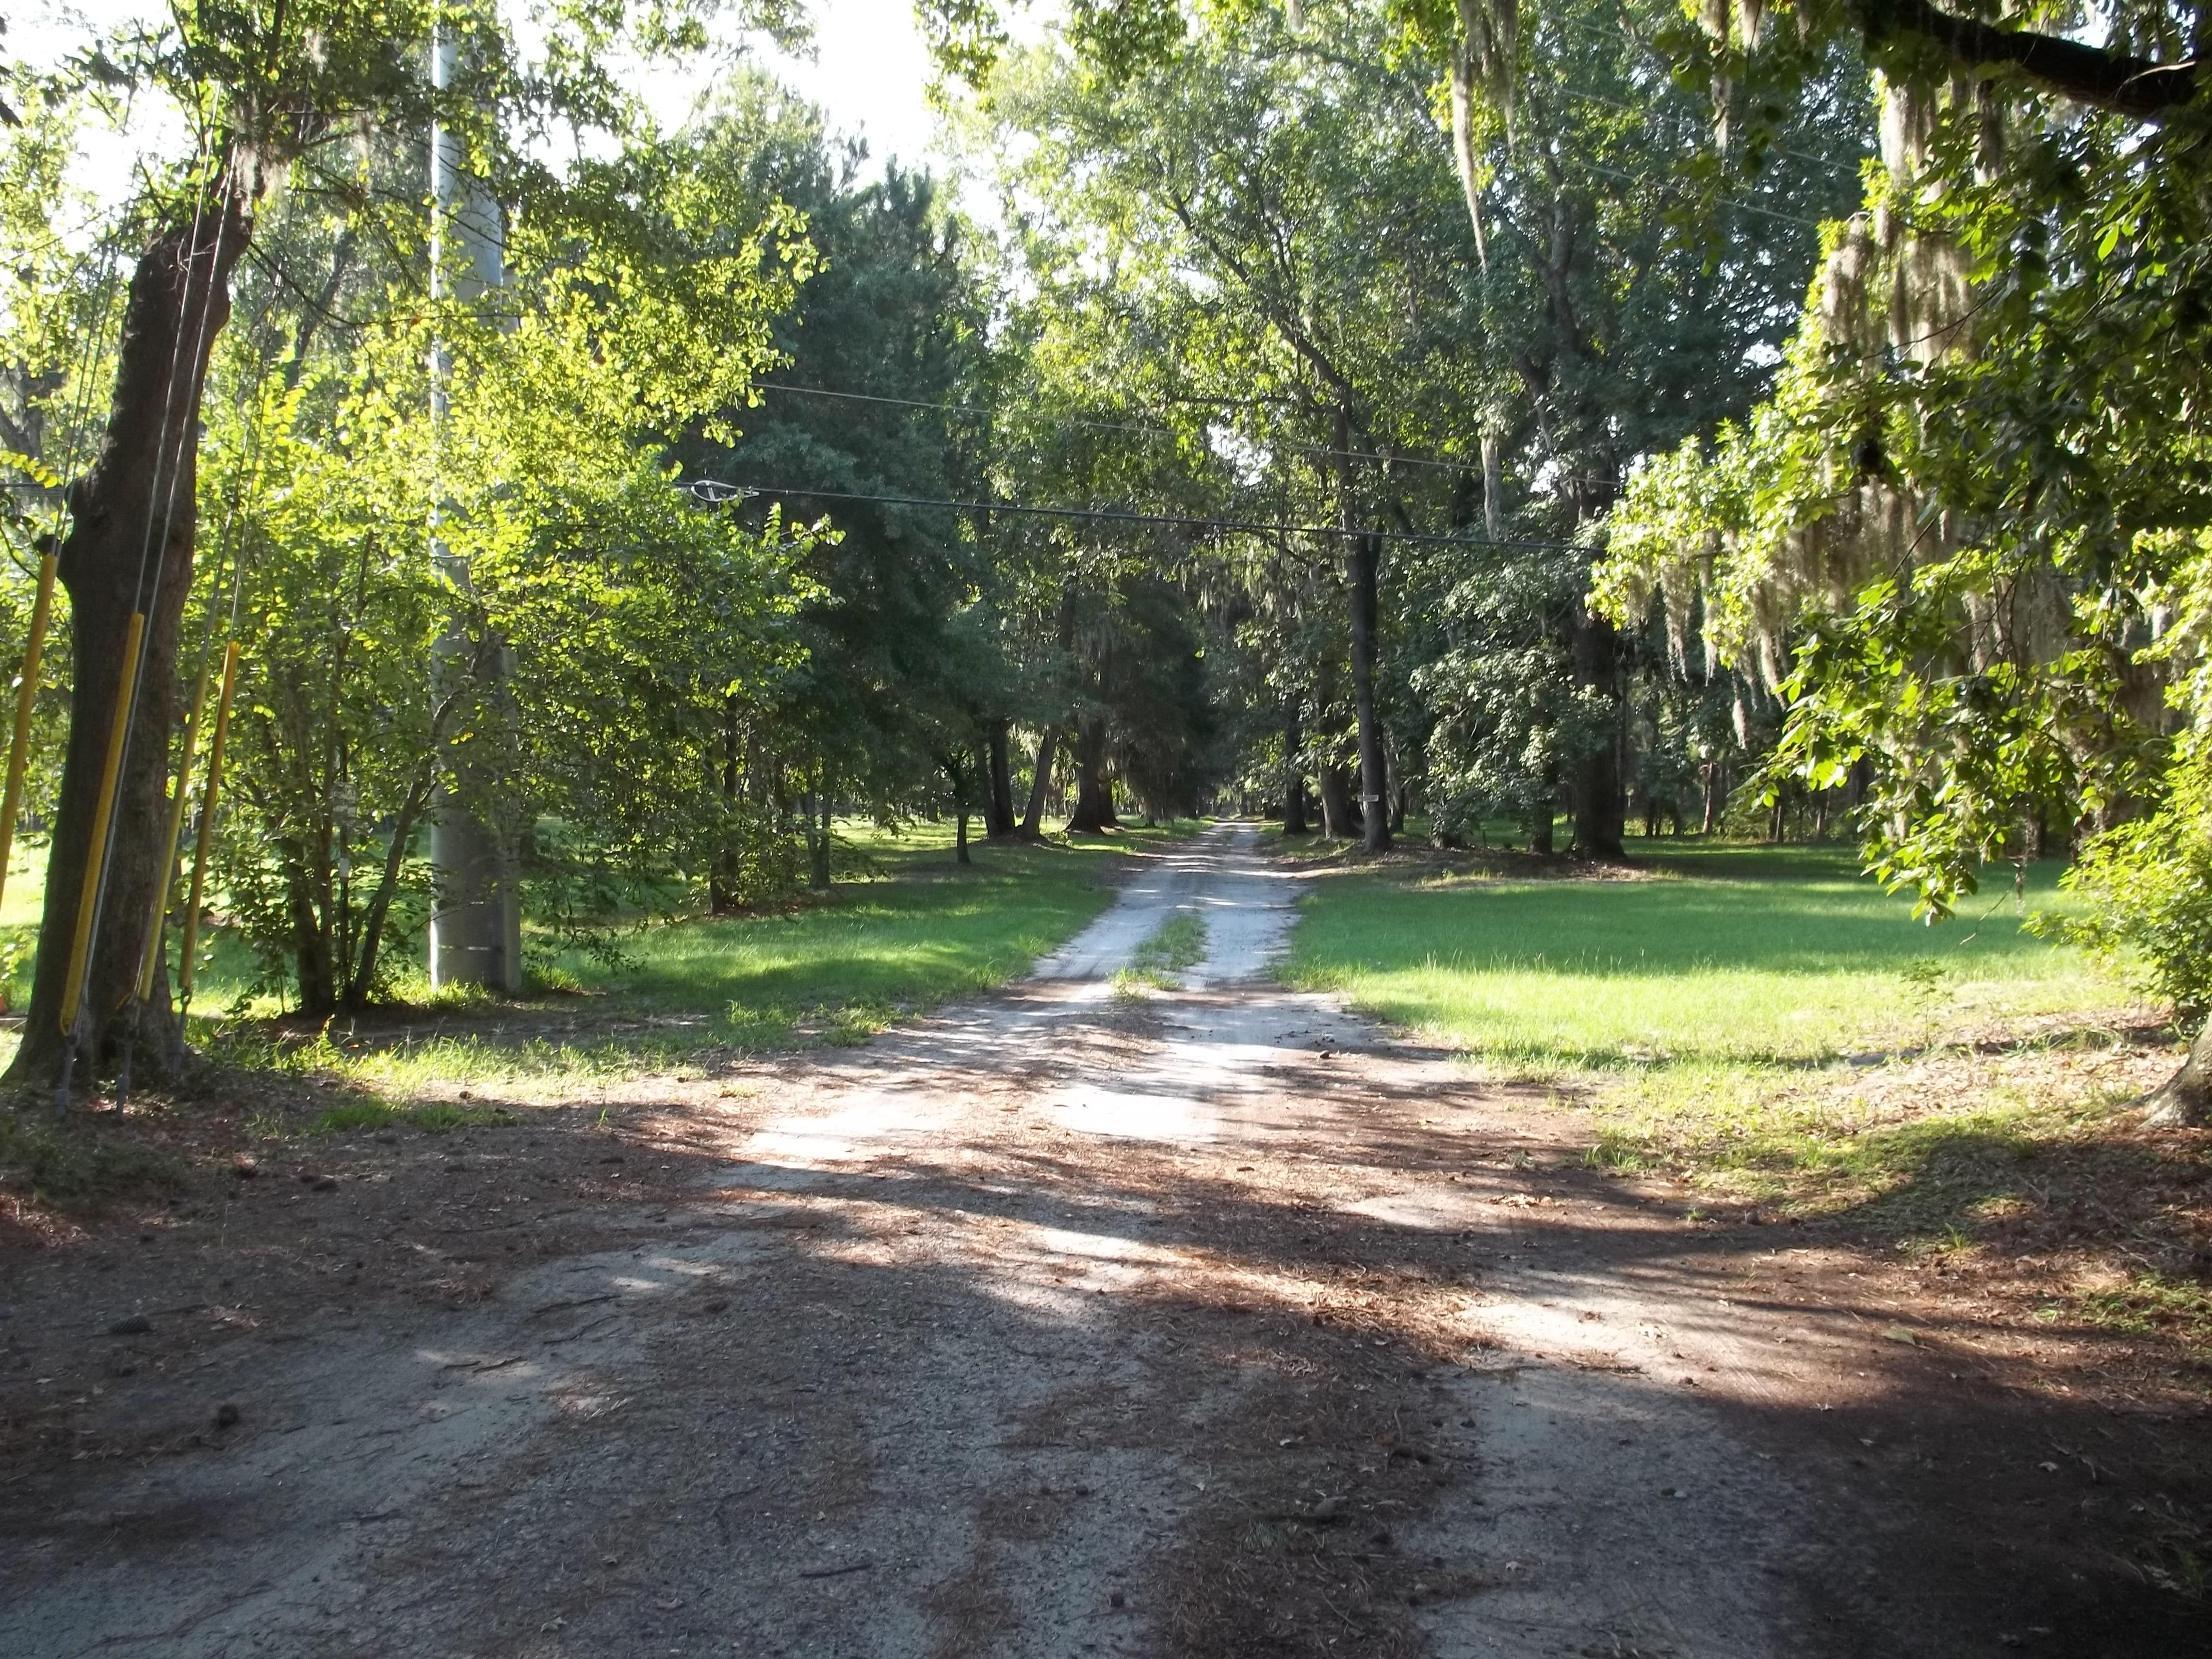 FileGA Savannah Lebanon Plantation Road01